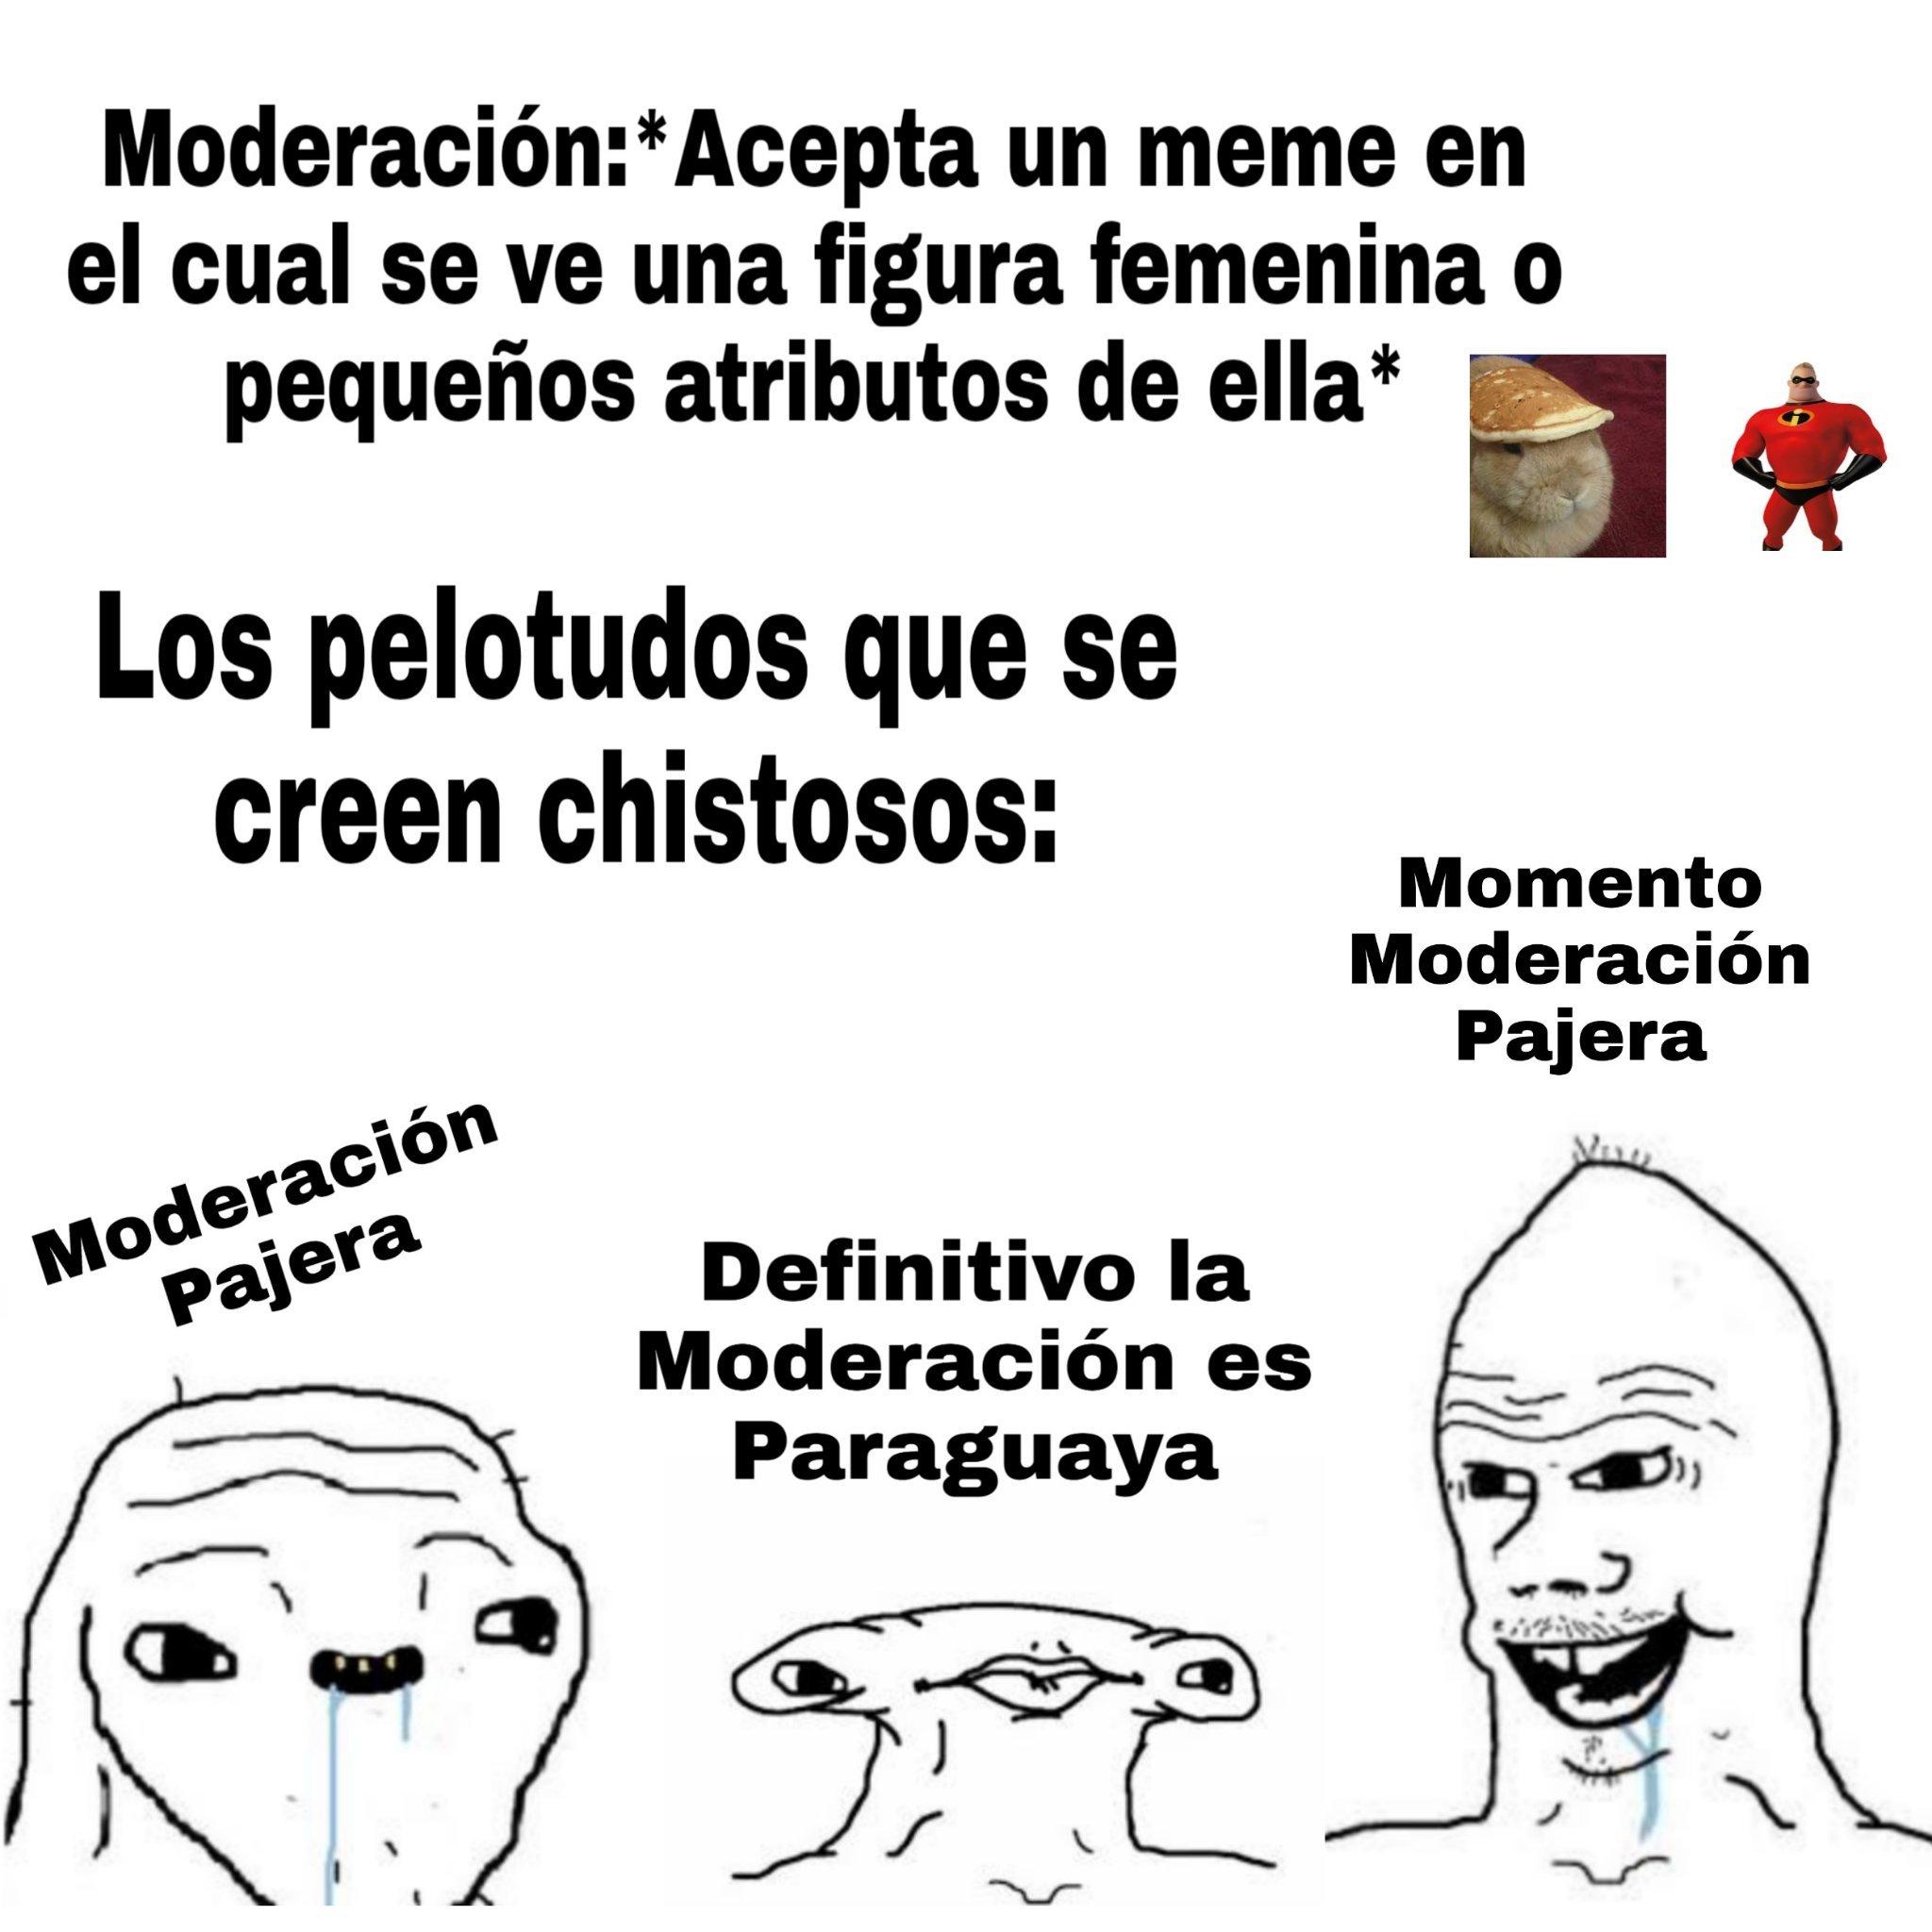 No sabia si poner Moderadores o Moderación (Momento Moderacion Pajera) - meme